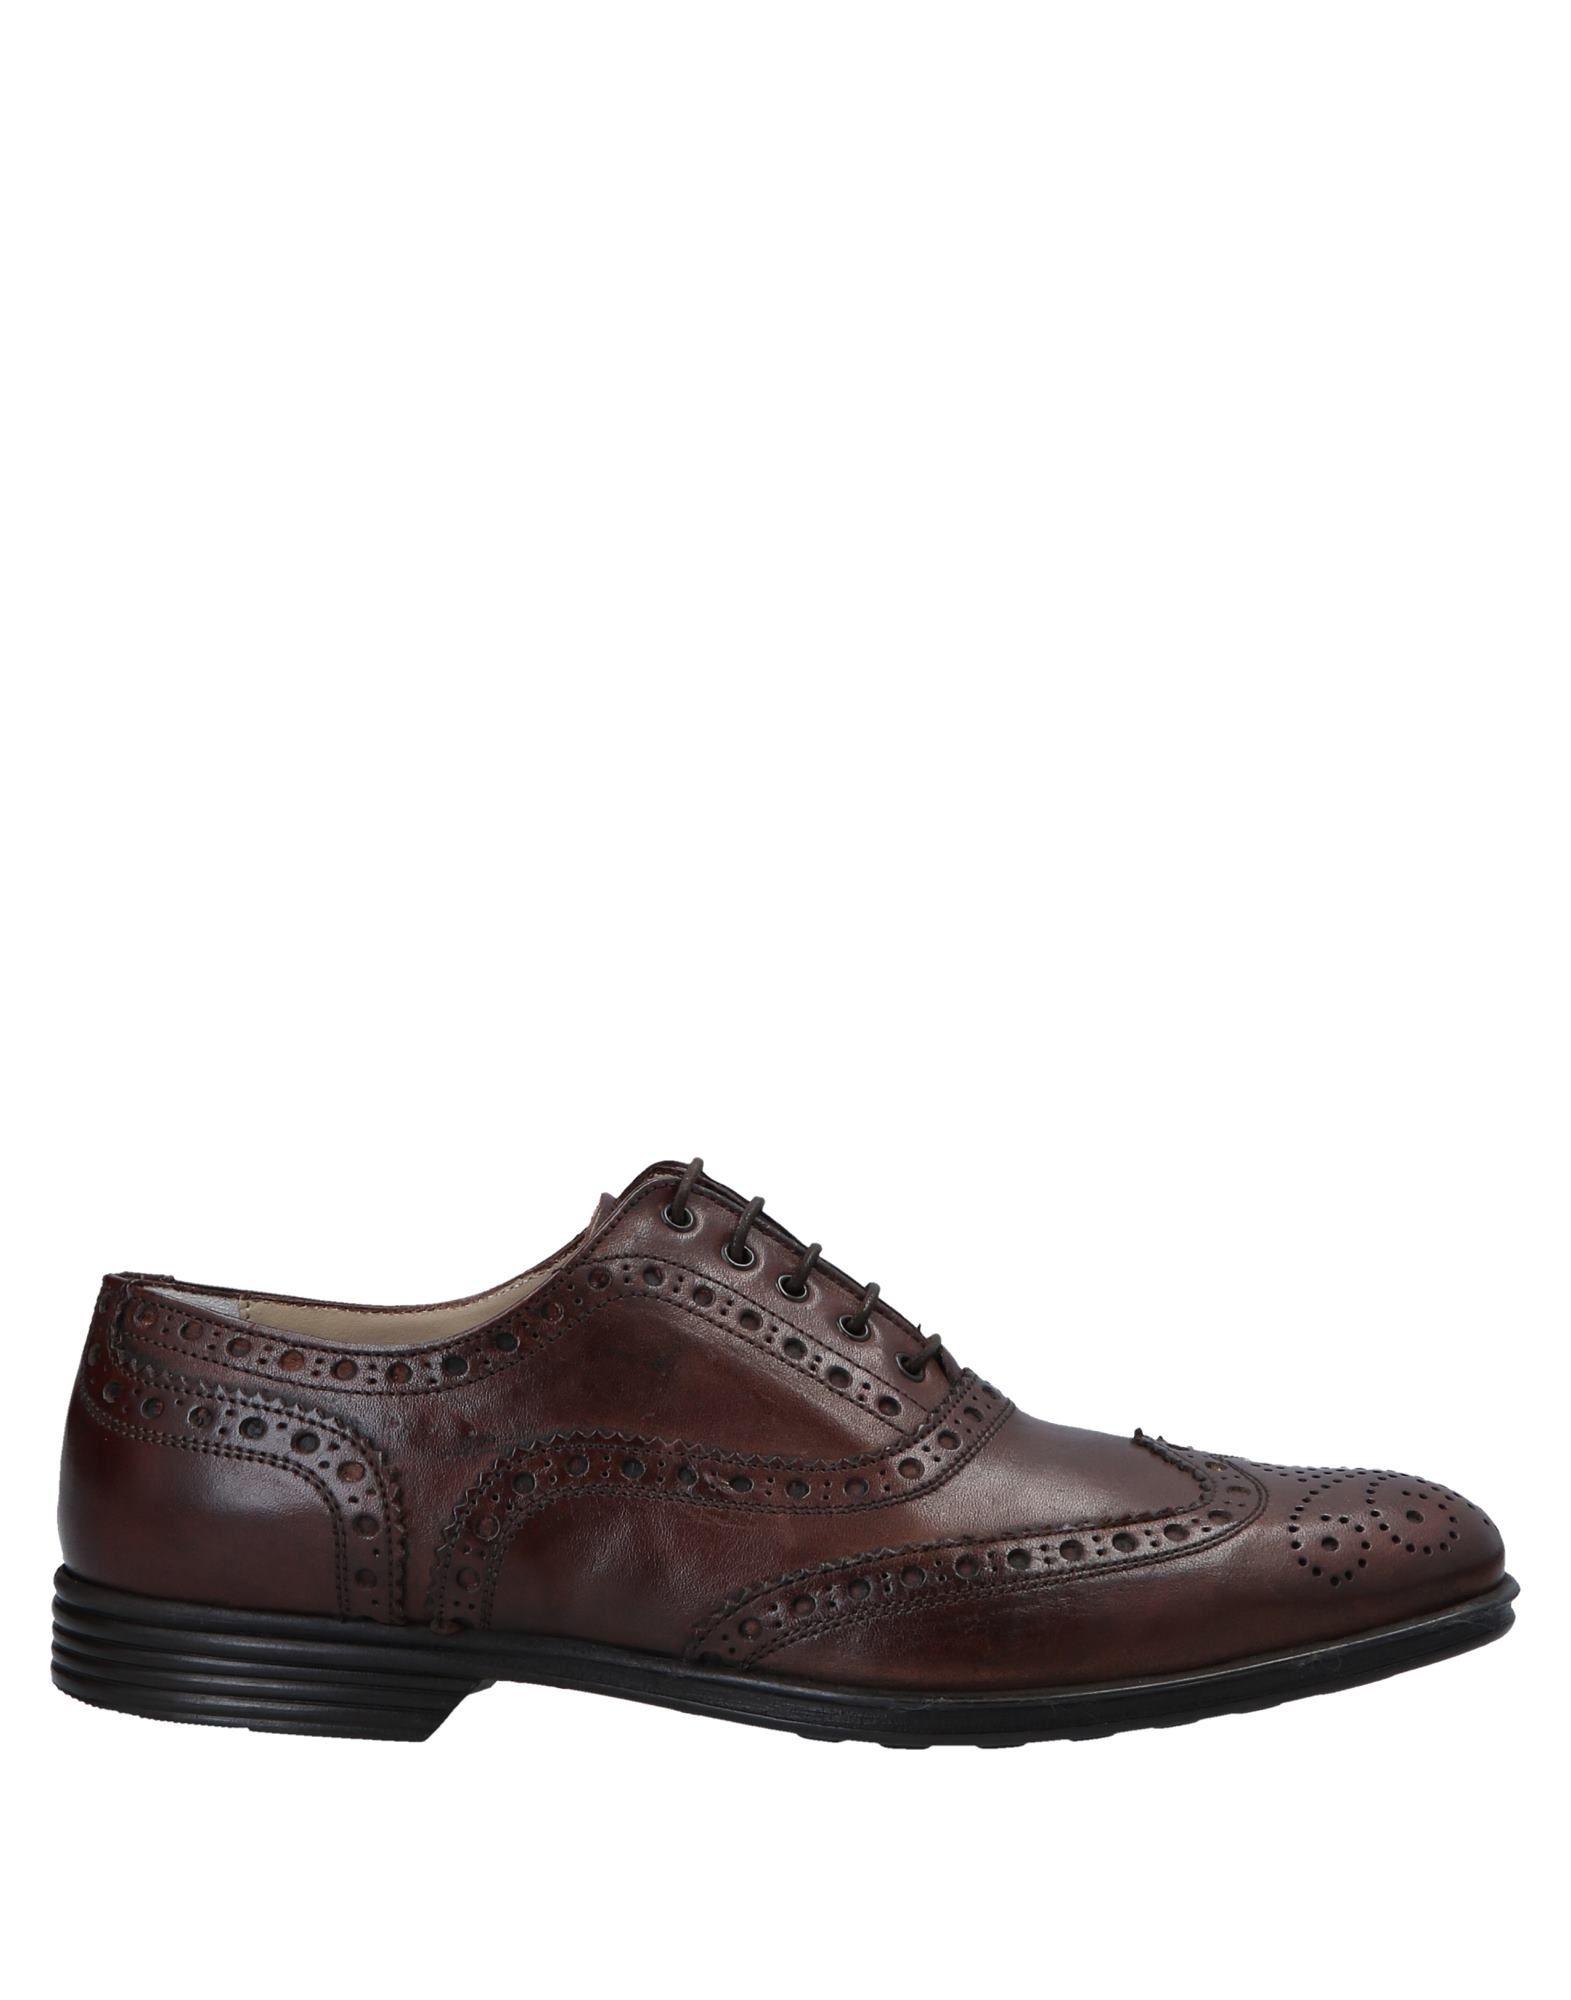 Rabatt echte Schuhe Baldinini Schnürschuhe Herren  11552516DV